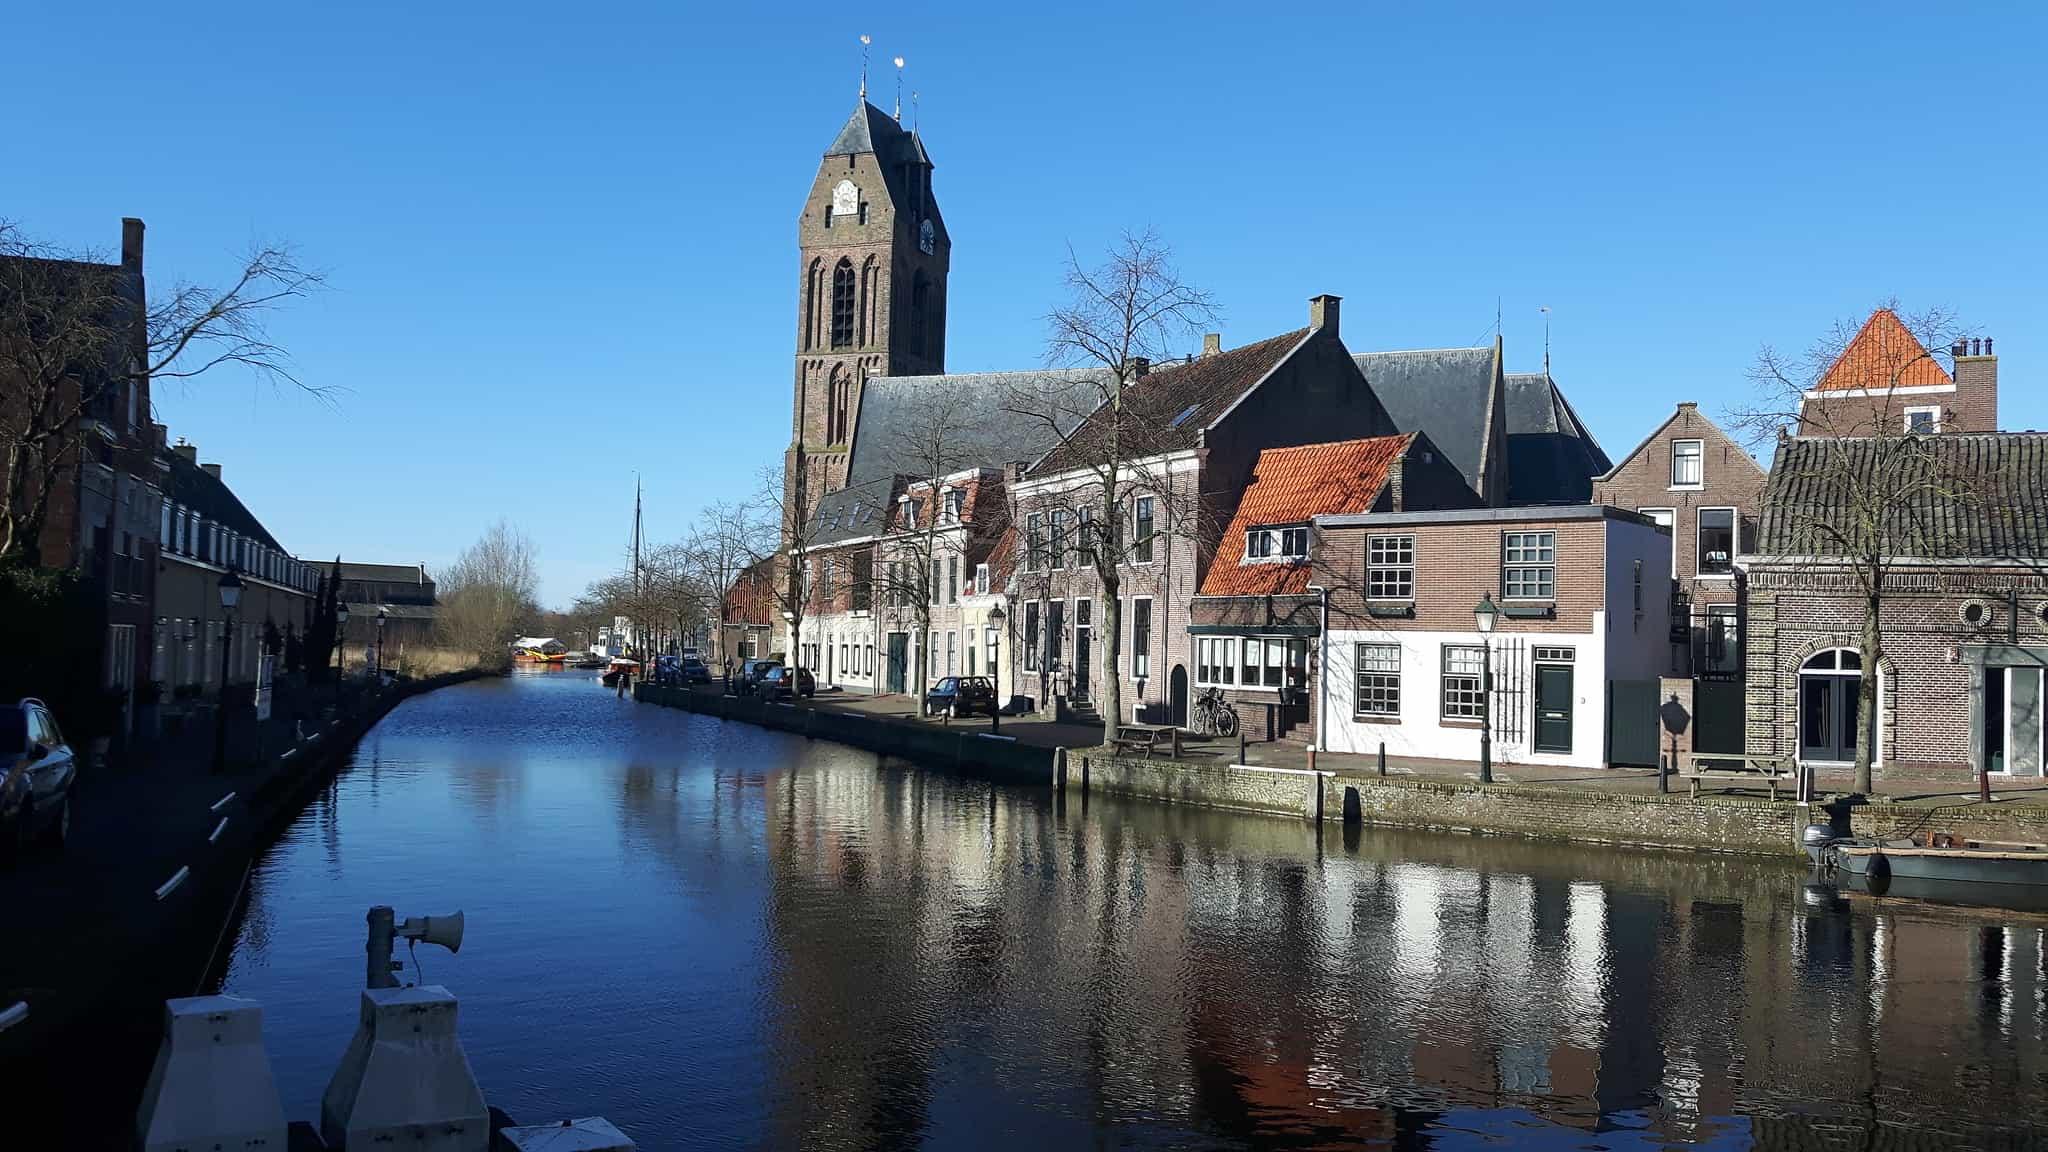 Een kerk en huizen langs een rivier in Oudewater.